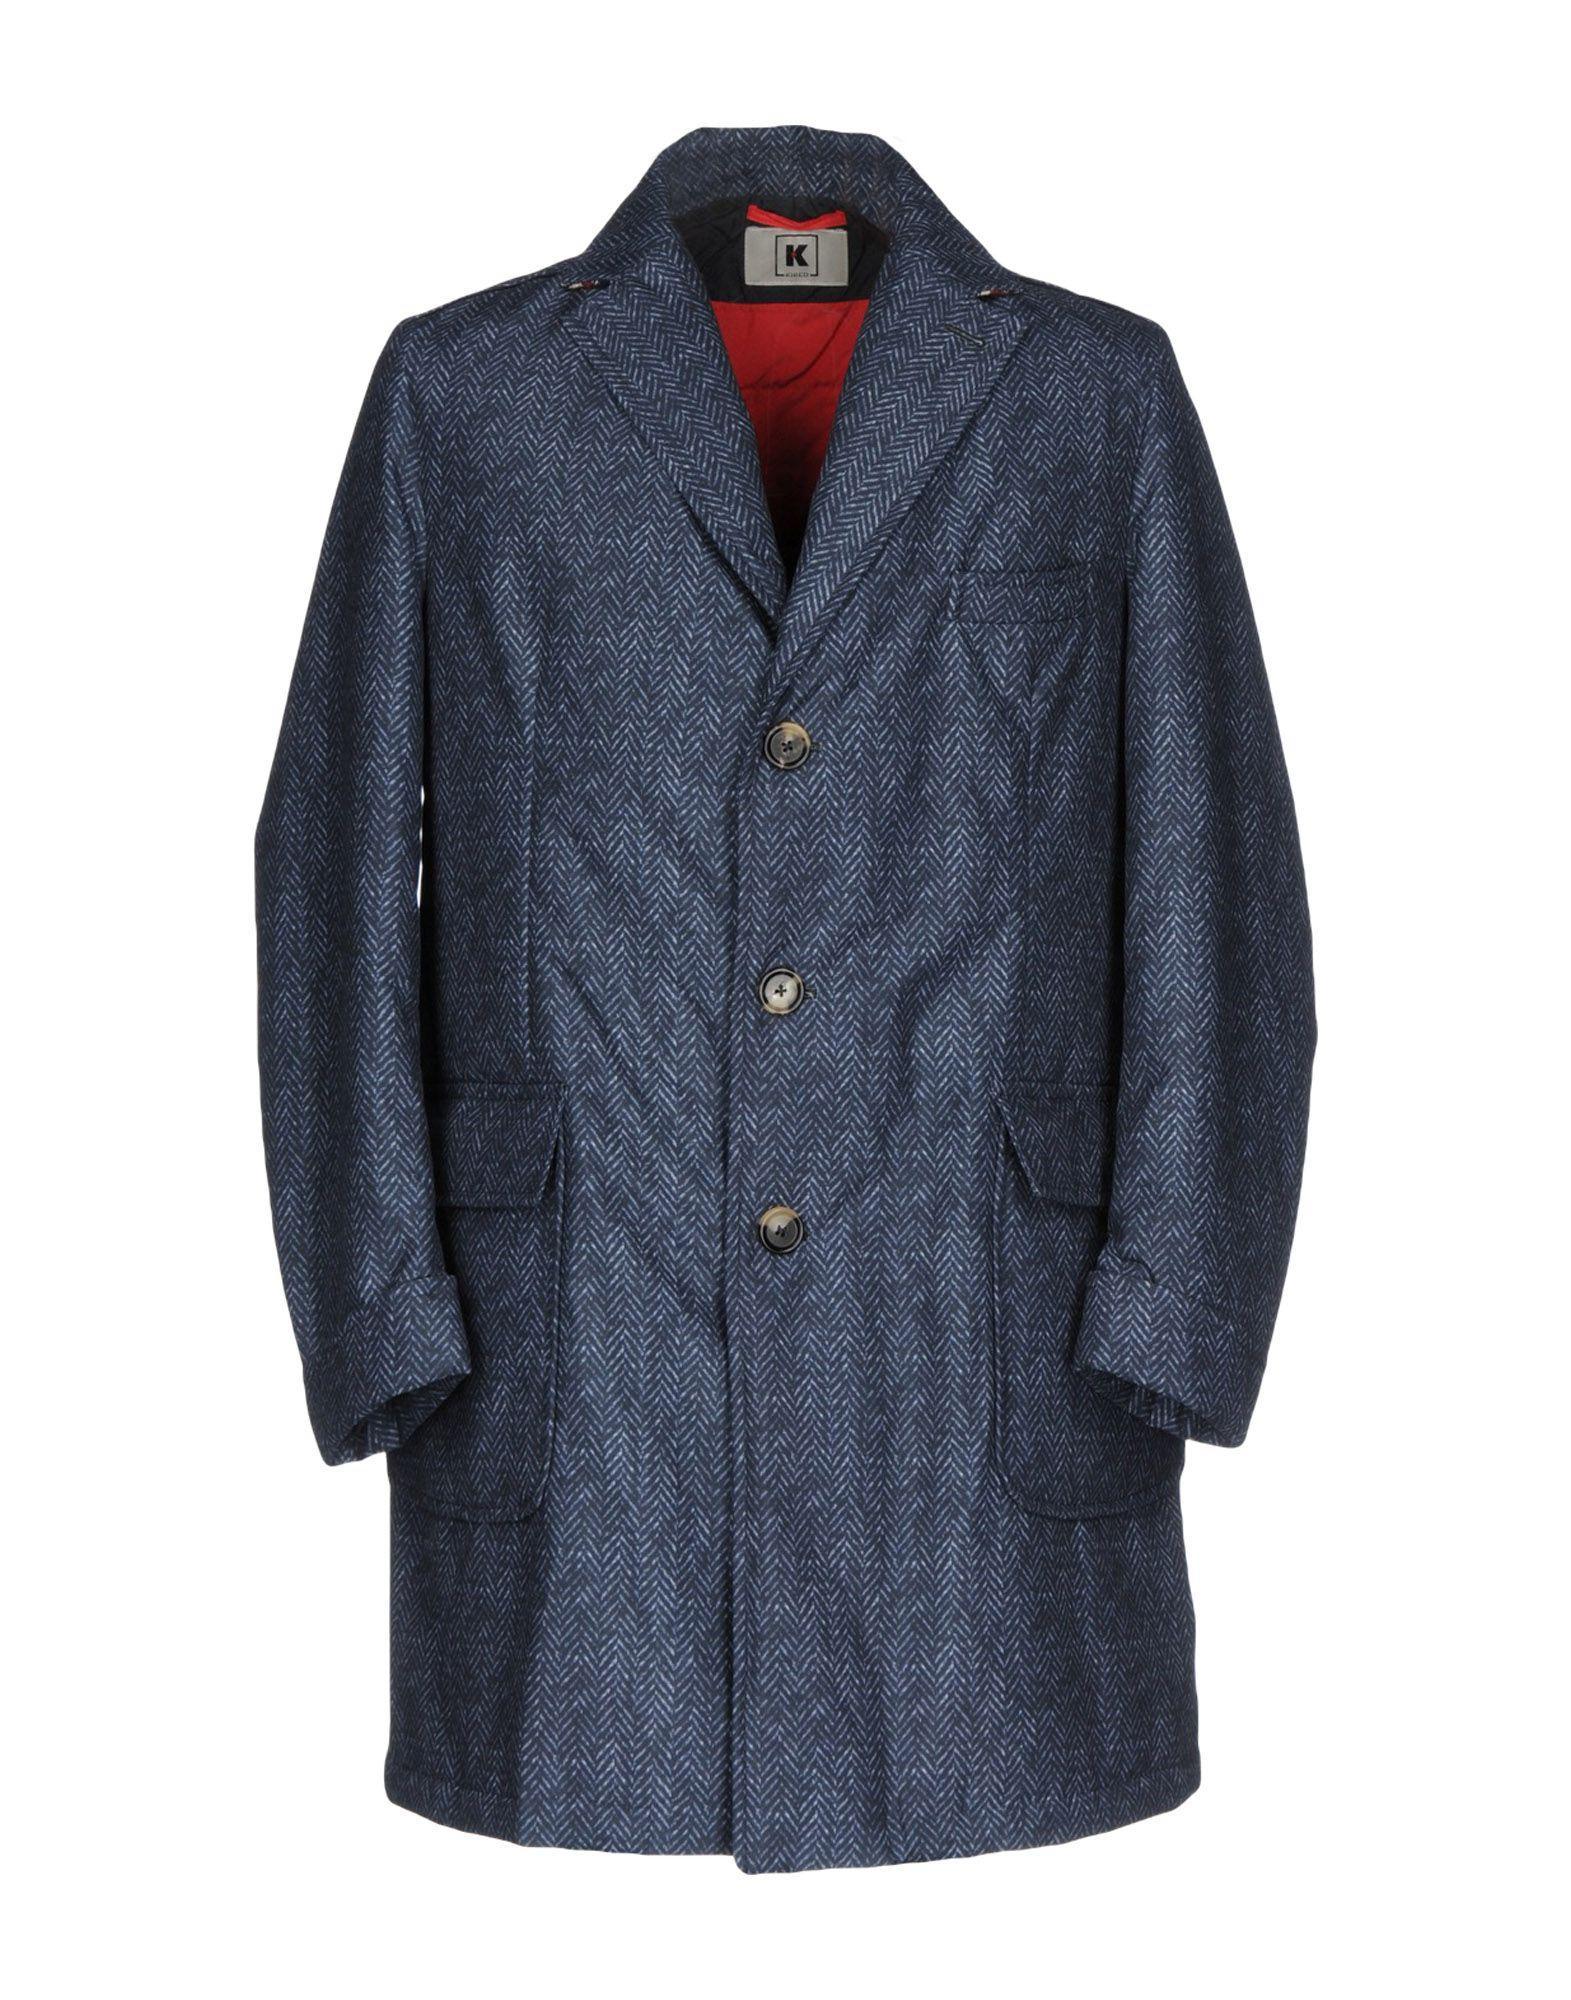 Kired Coat In Slate Blue